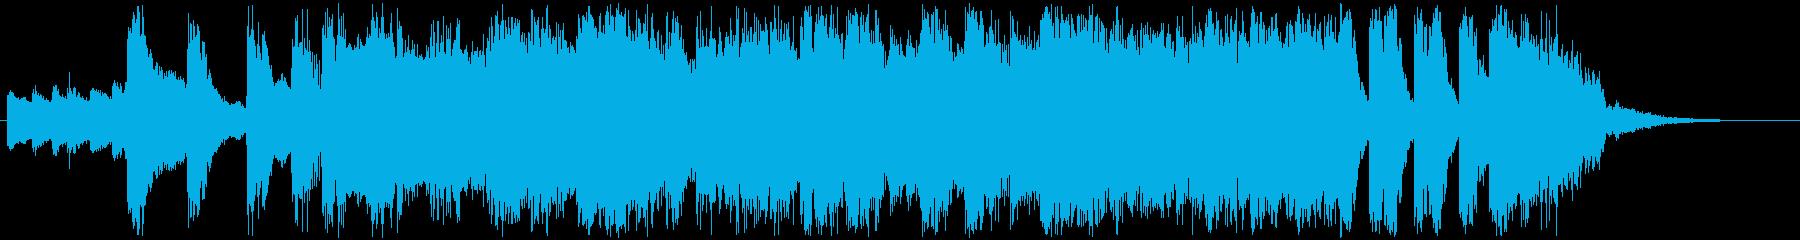 フワフワROCKアニメ系アイドルジングルの再生済みの波形